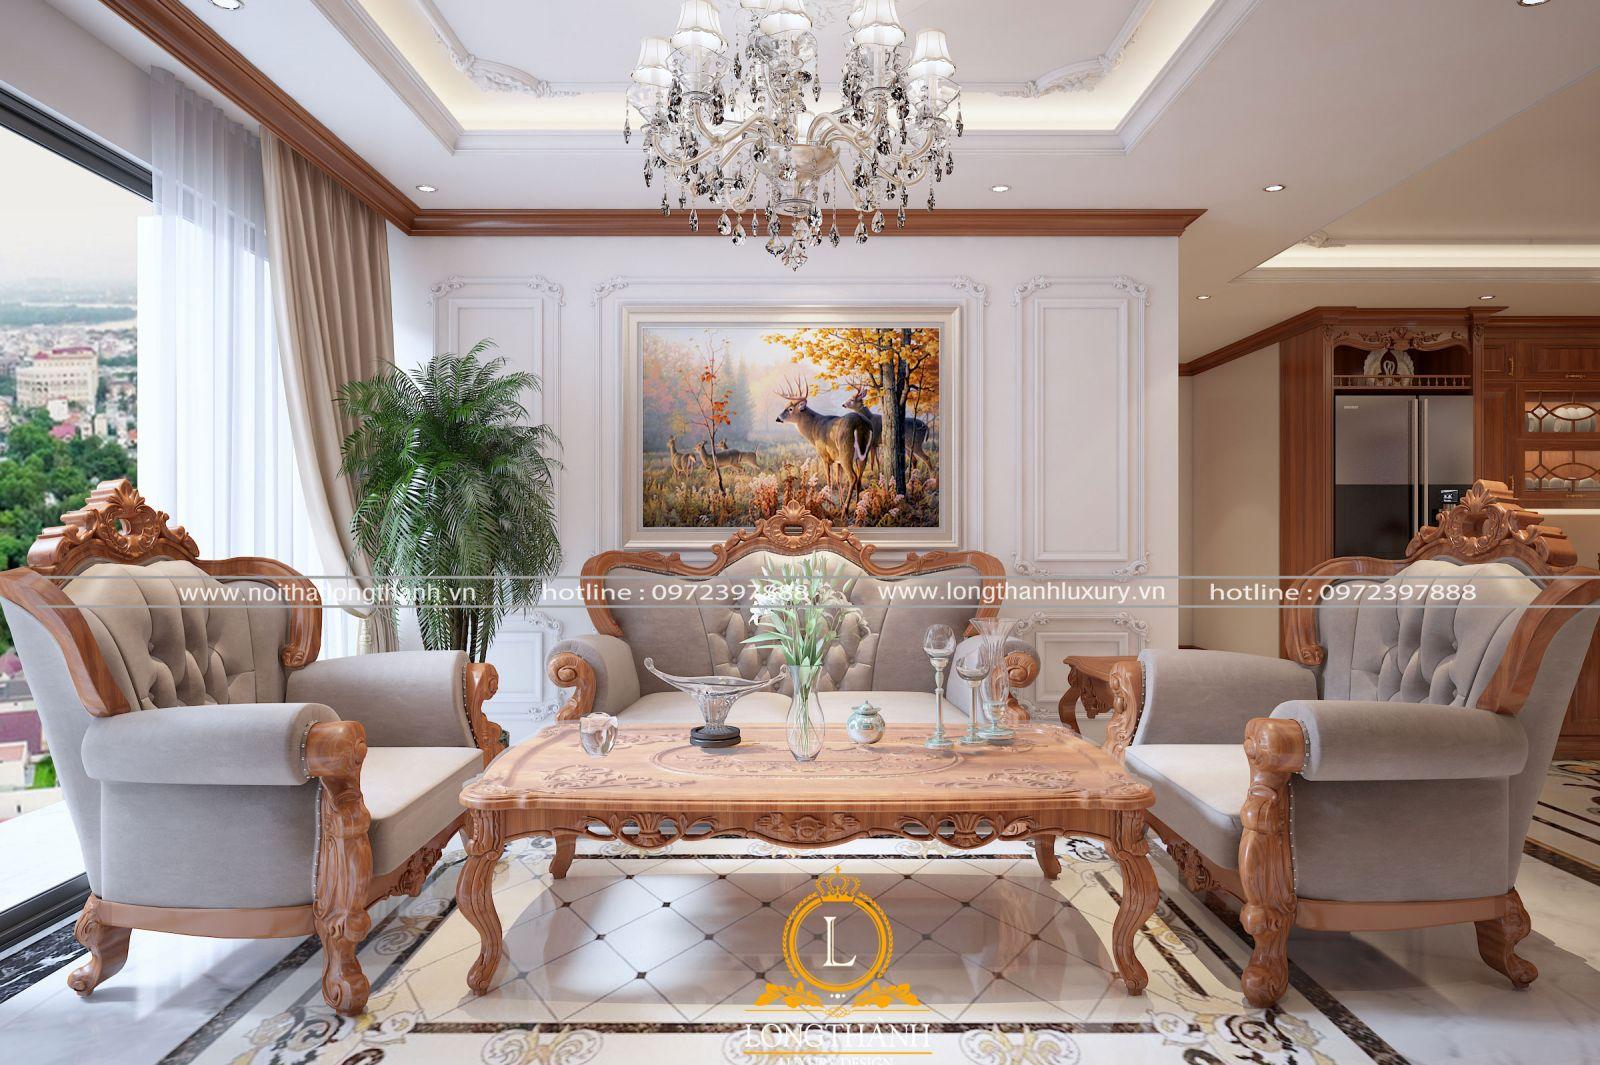 Phong cách tân cổ điển được gia chủ sử dụng cho phòng khách chung cư  ấn tượng